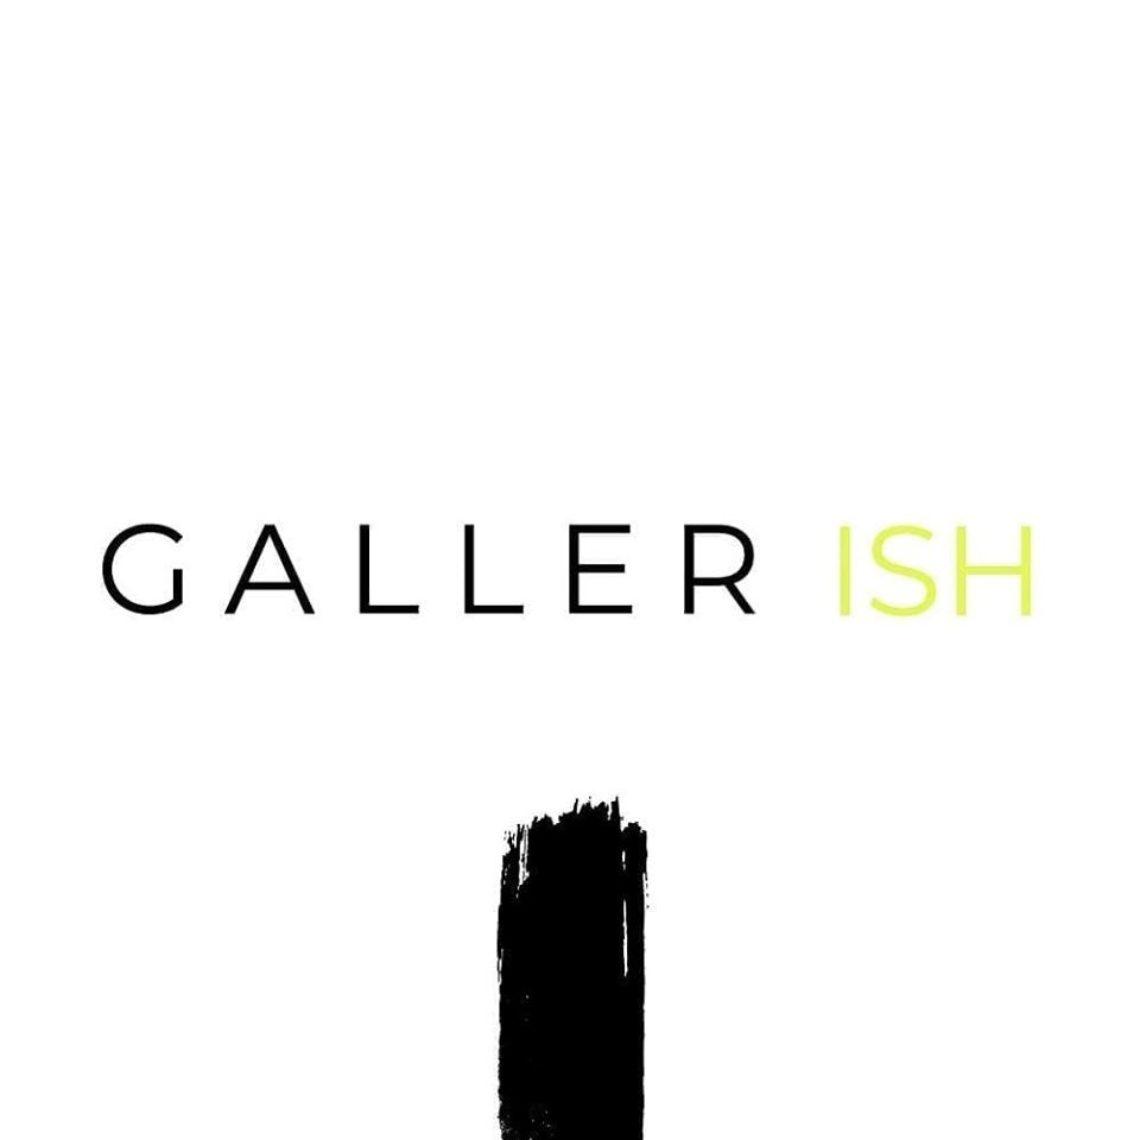 Gallerish